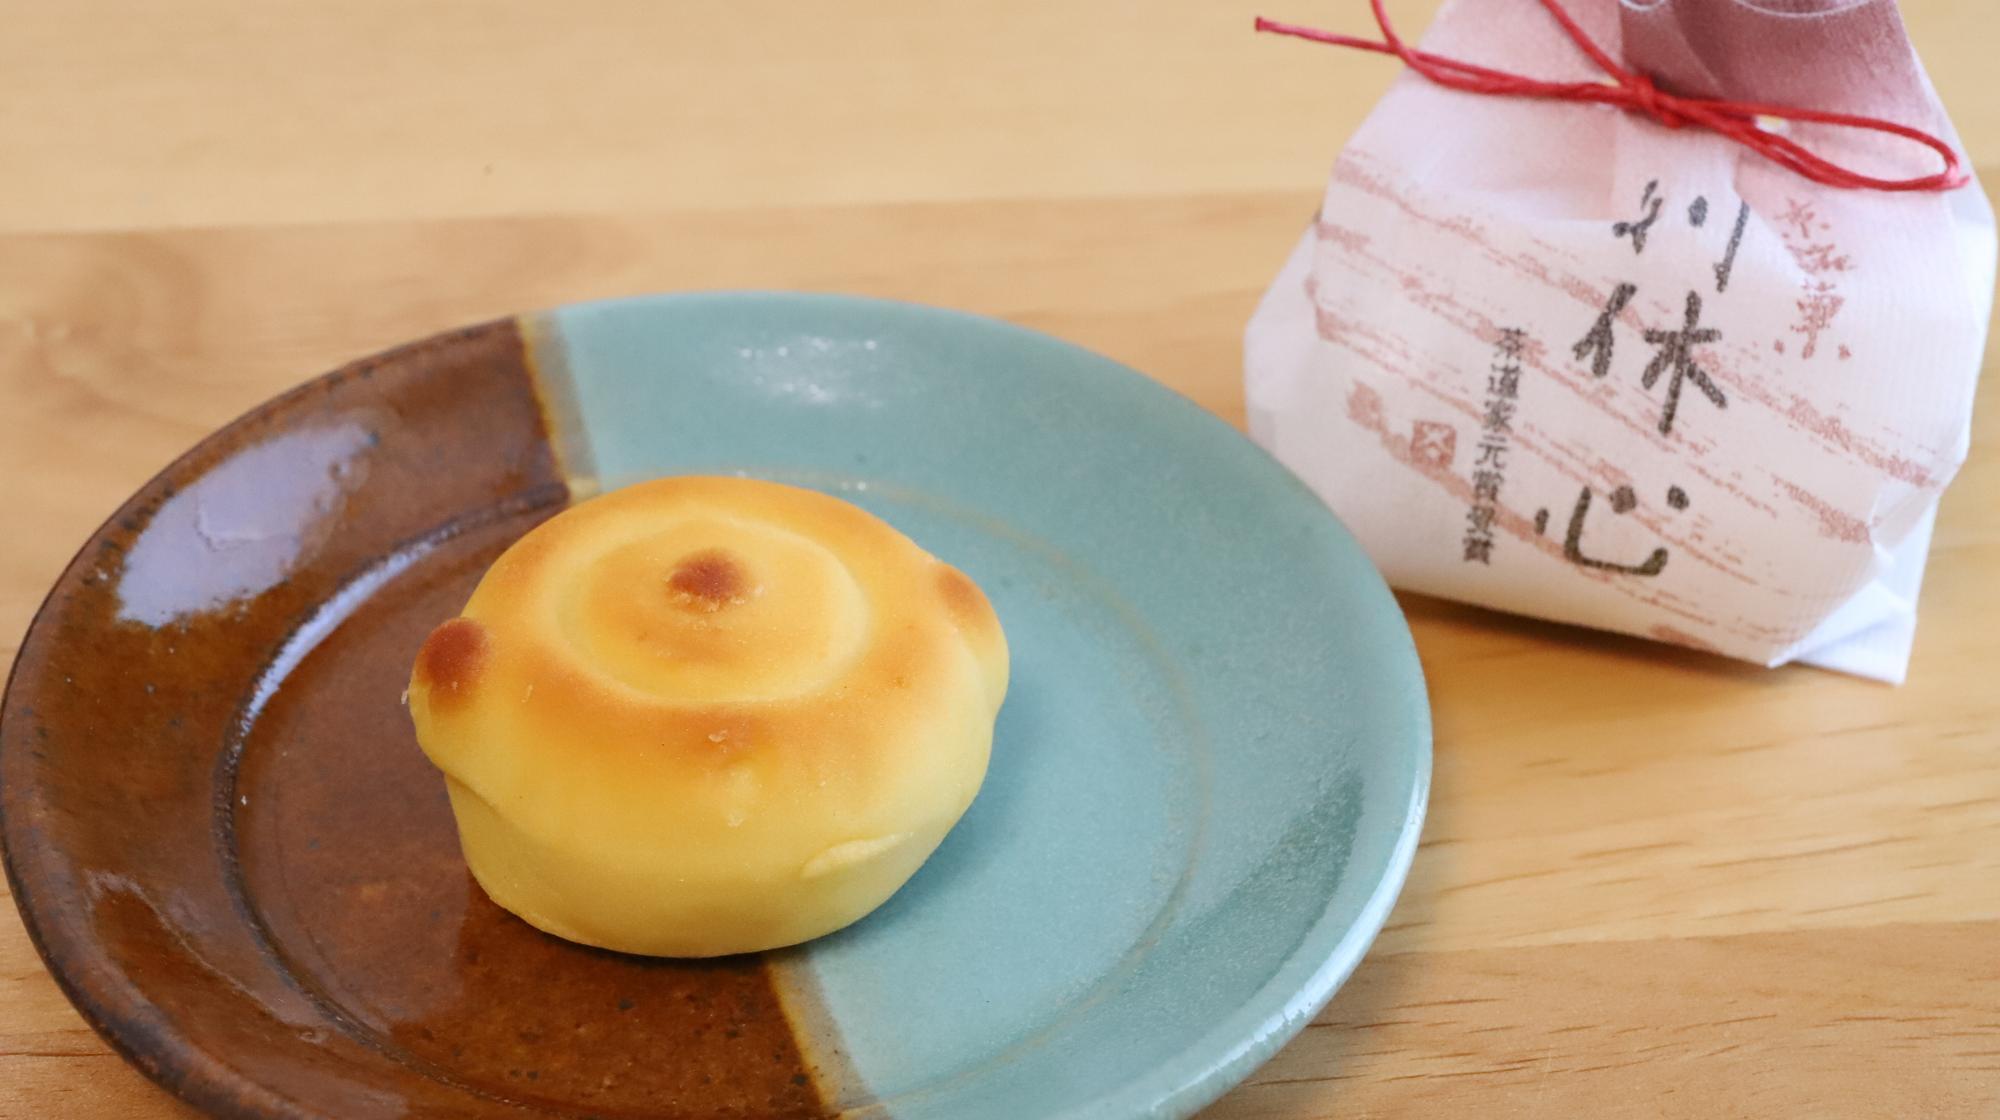 鶴屋長生の茶釜型和菓子、利休心